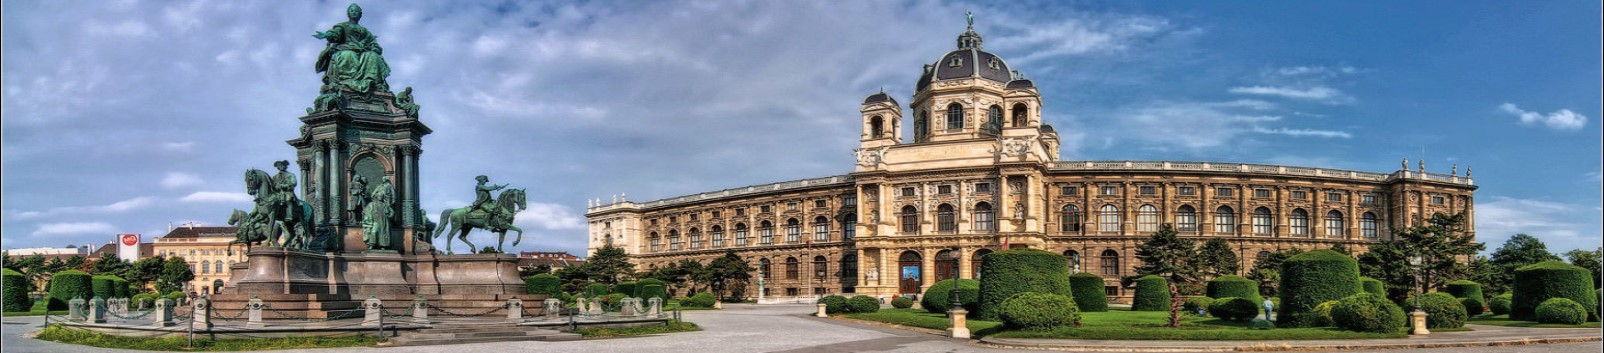 Долгосрочная виза в Австрию